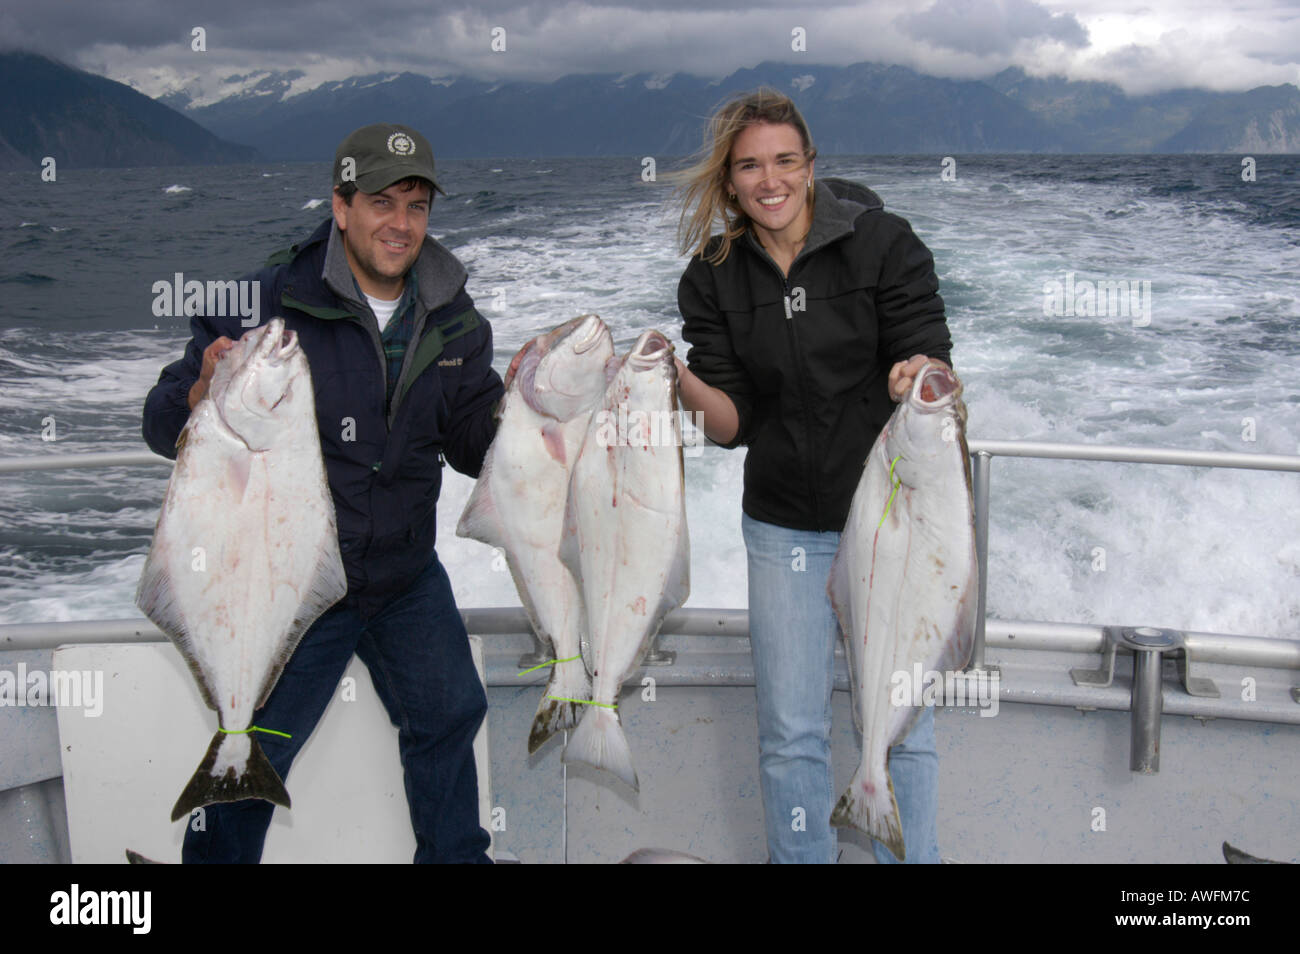 Halibut fishing seward alaska stock photo royalty free for Seward alaska fishing